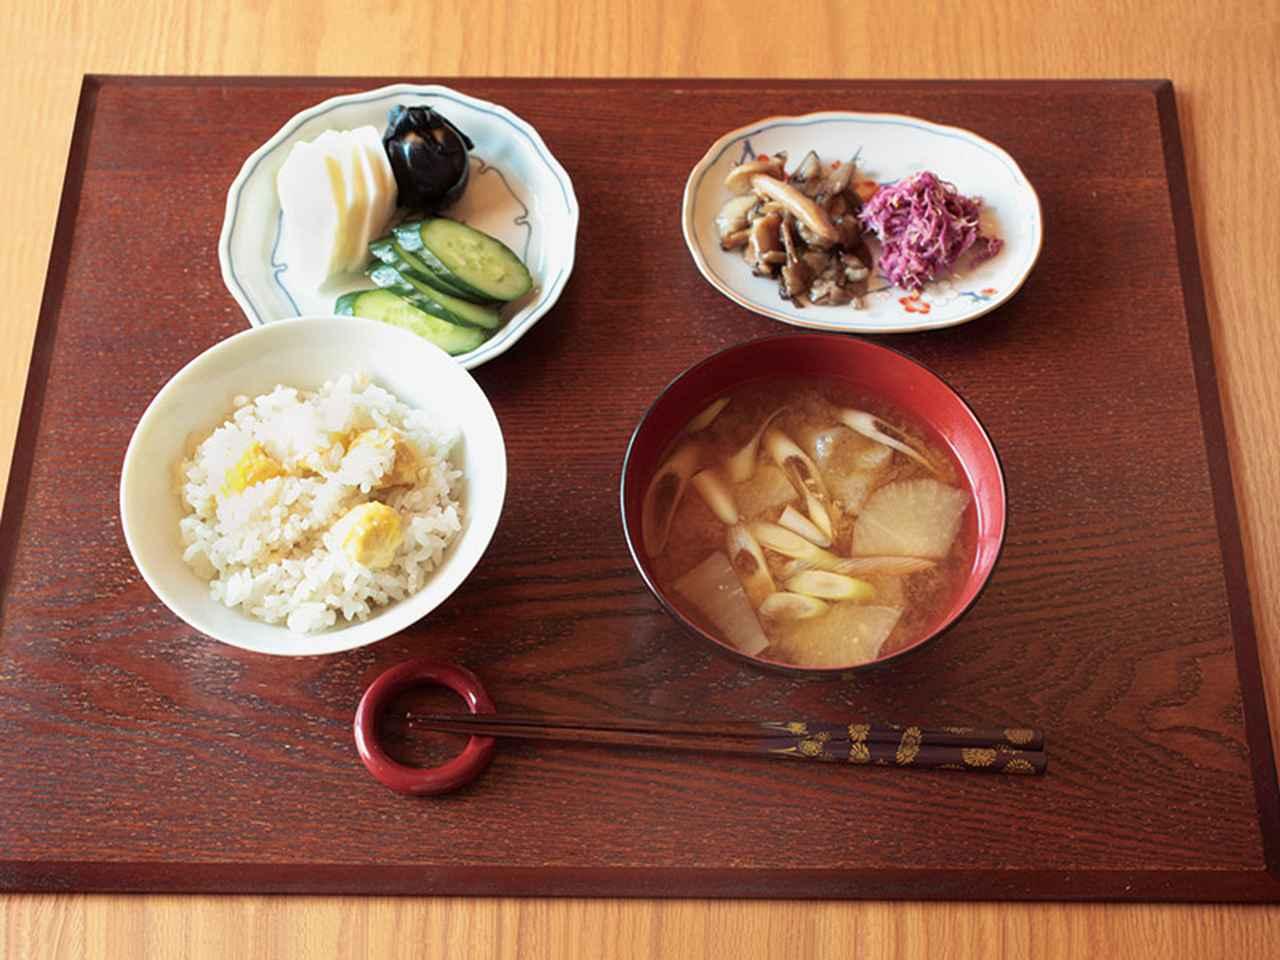 画像: 赤倉家の栗ごはんは、昆布だしで、お酒と塩を少々。栗本来の風味を楽しむシンプルな味つけ